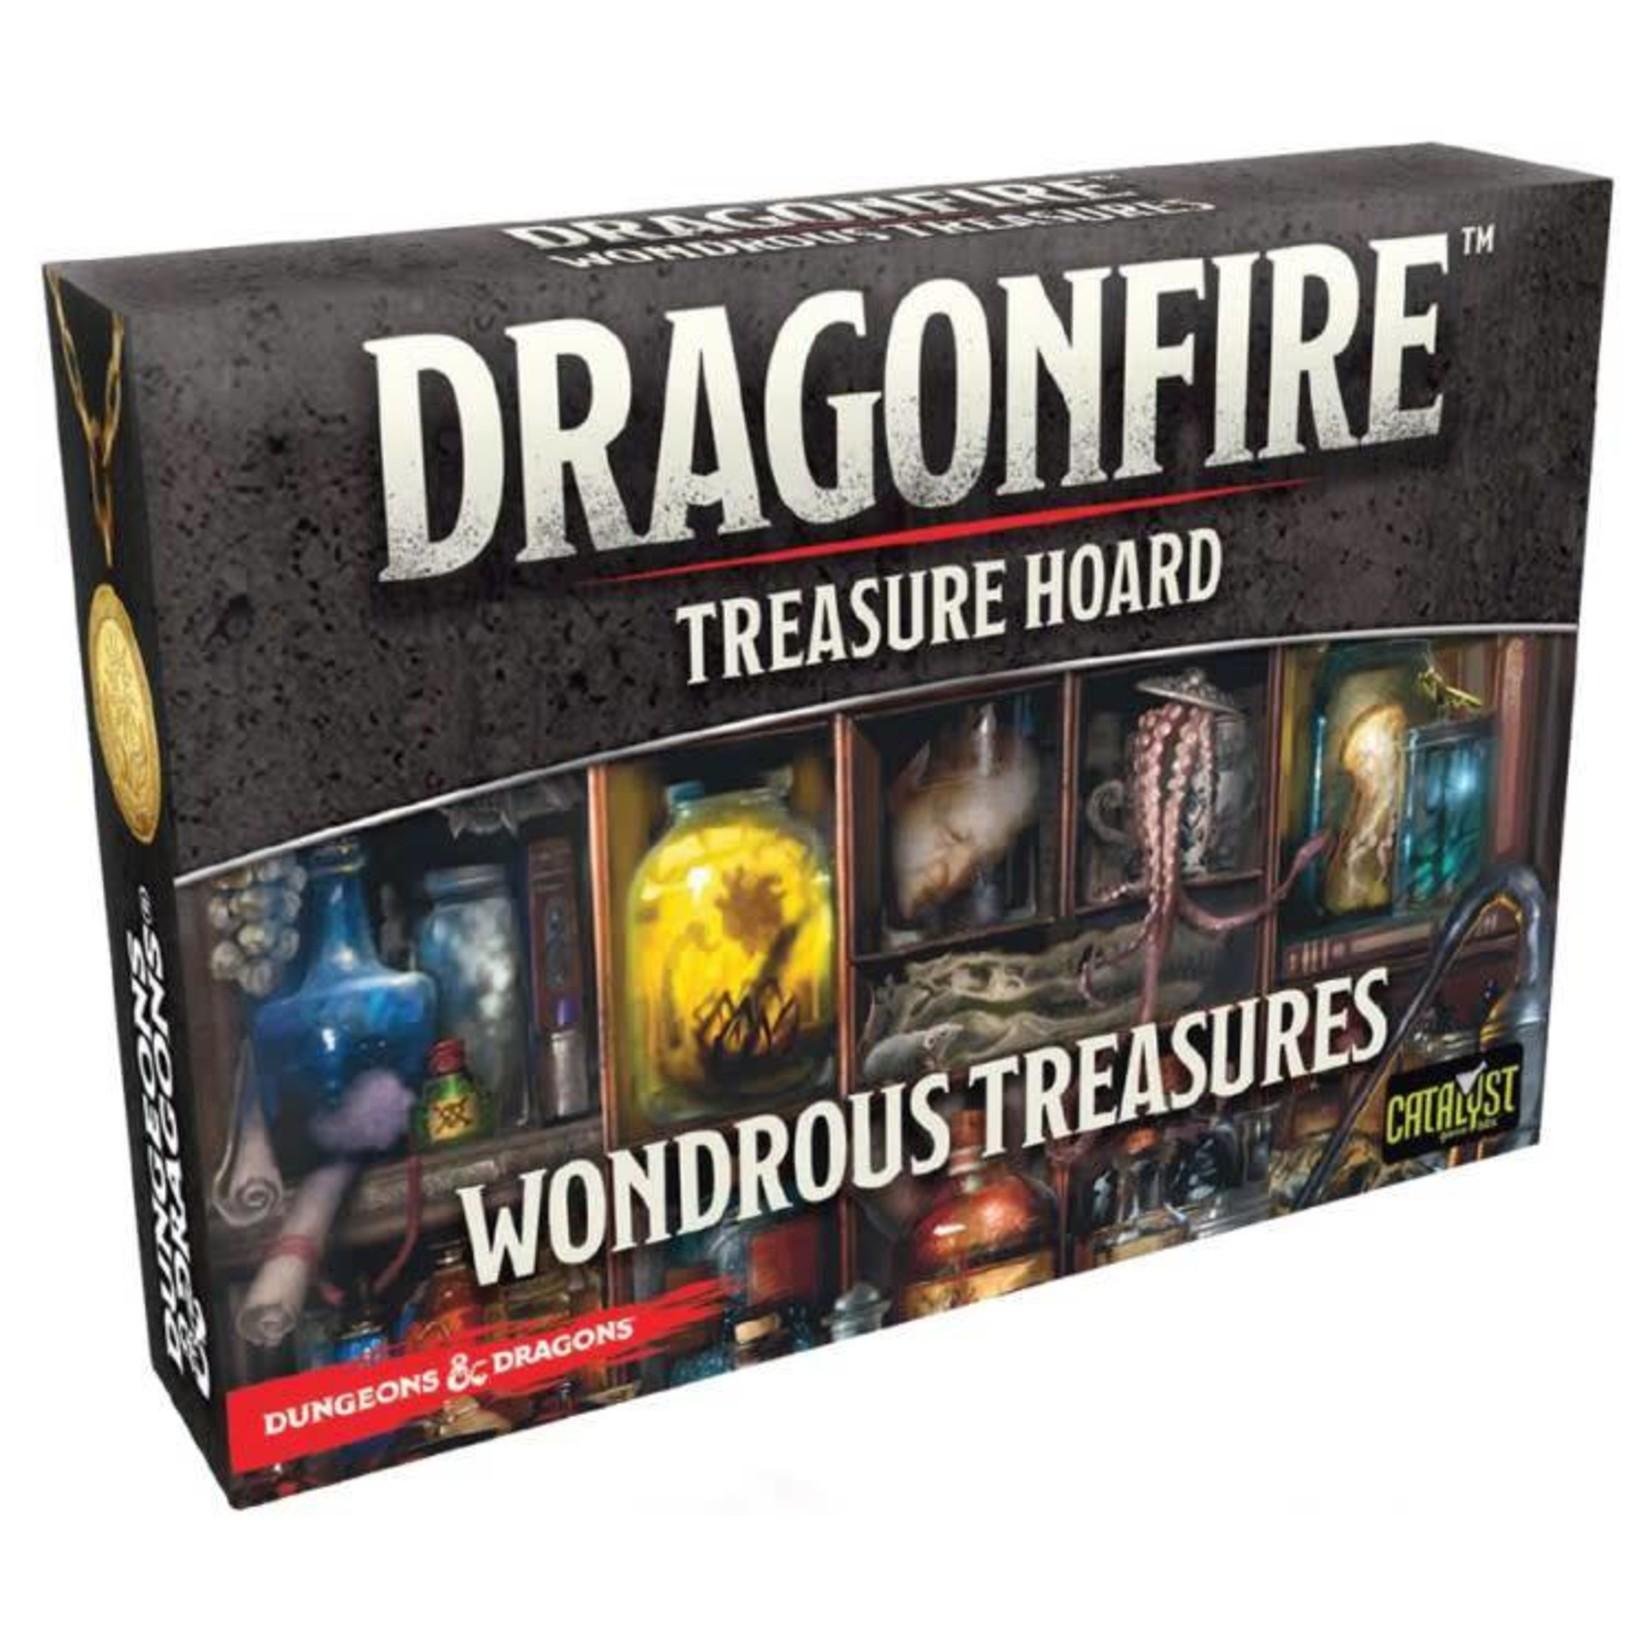 Catalyst Games Dragonfire Deckbuilding Game: Wondrous Treasures Expansion Pack